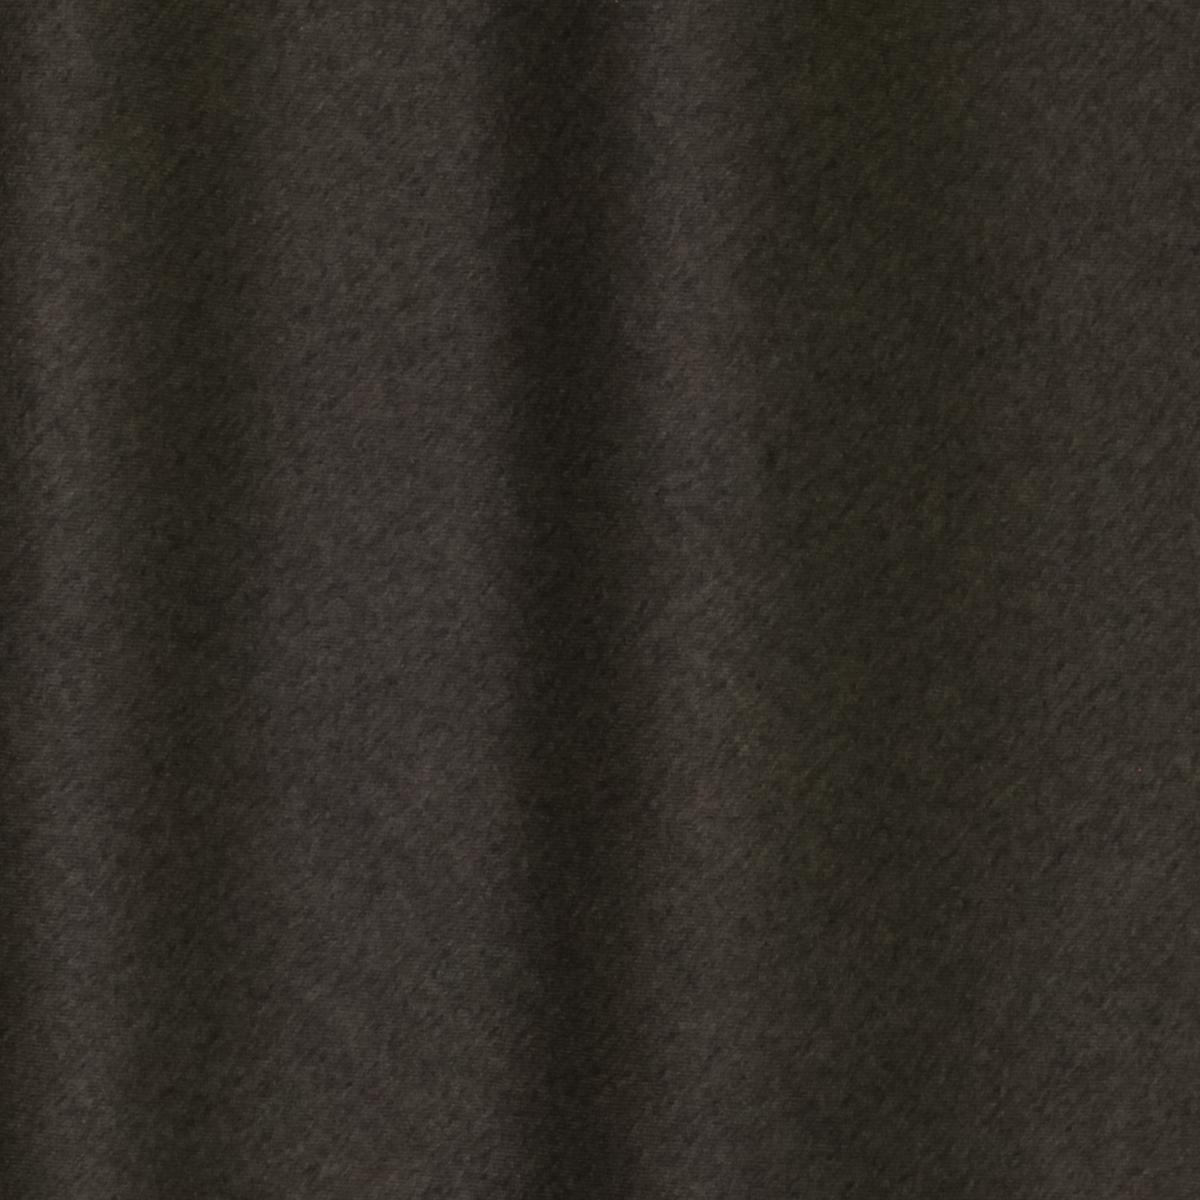 Двусторонний мягкий костюмный кашемир натурального оттенка